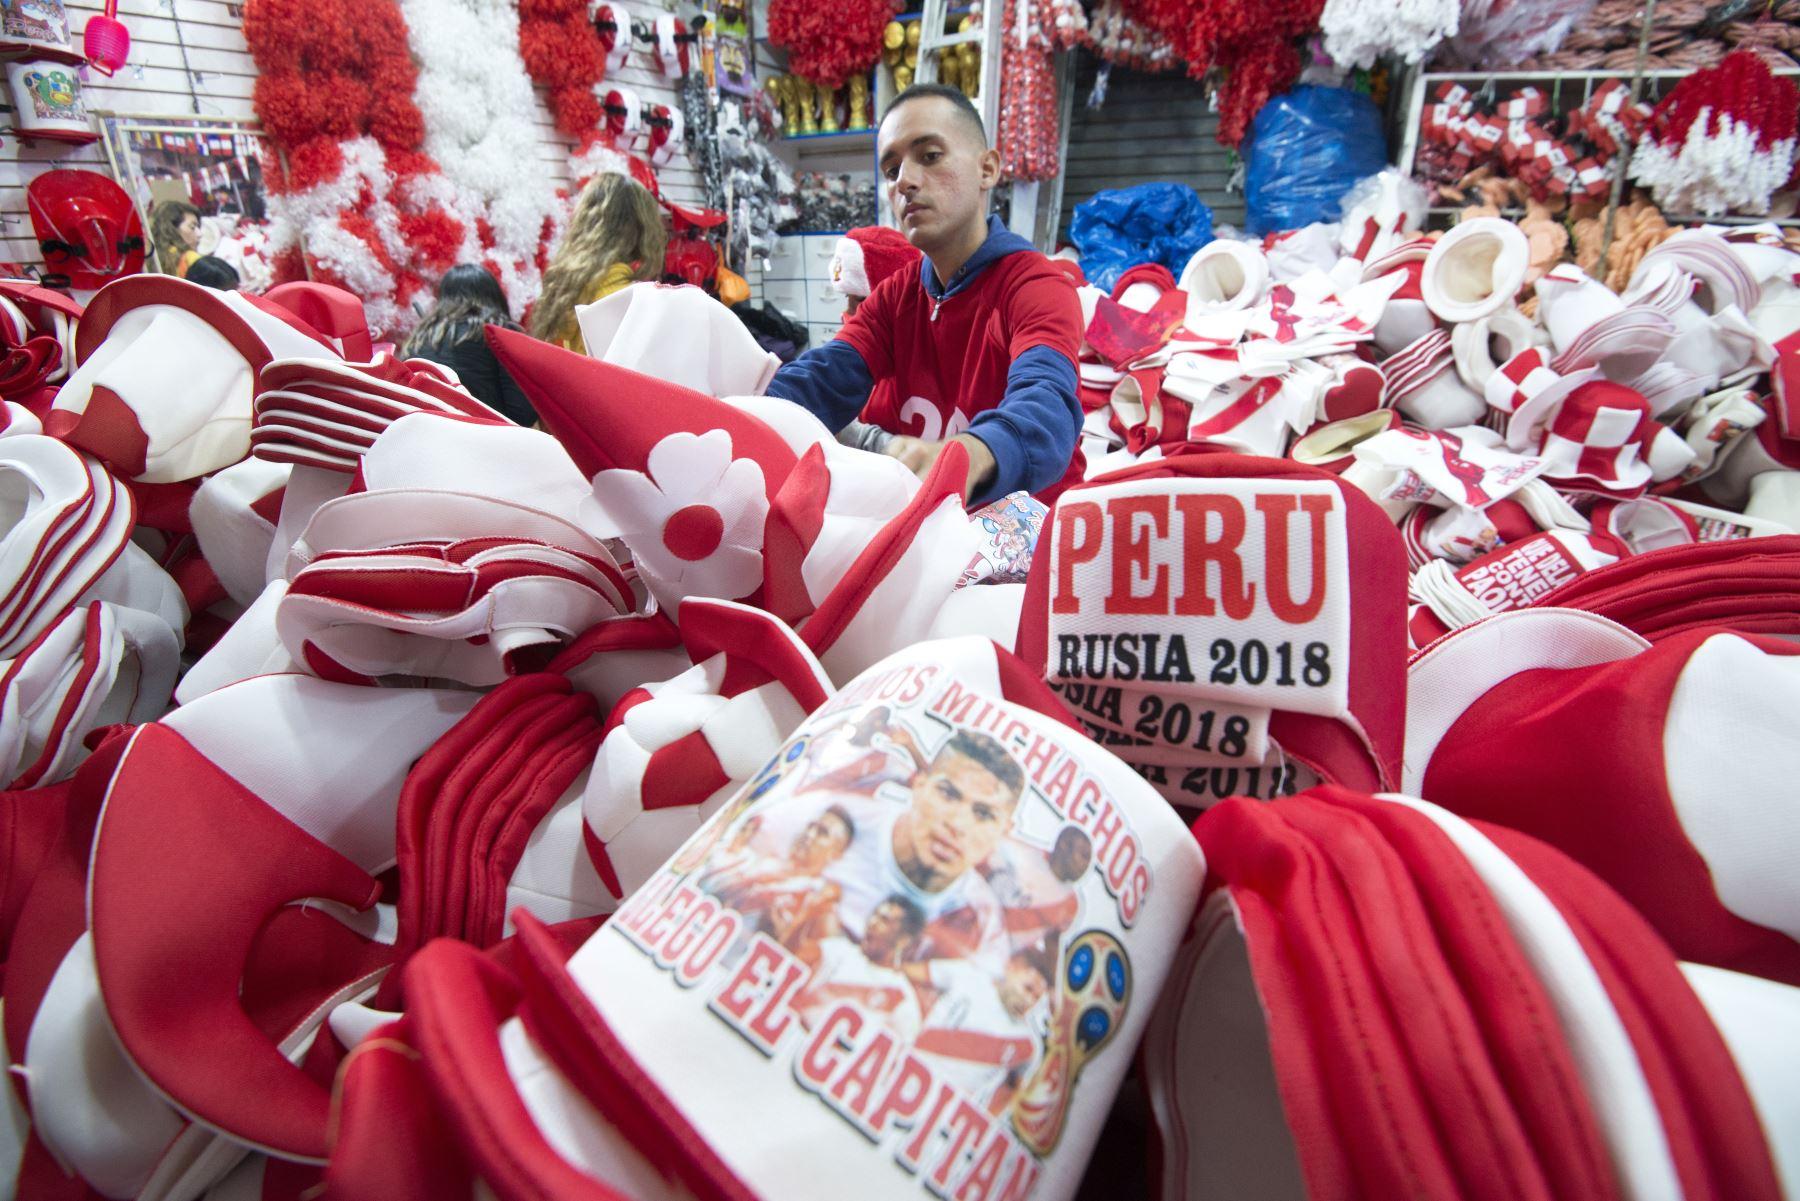 """Productos diversos, desde vajilla hasta sombreros y ropa con los colores de la bandera peruana, blanca y roja, y frases como """"Copa Mundial de la FIFA Rusia 2018"""" se venden por todo Lima. AFP"""